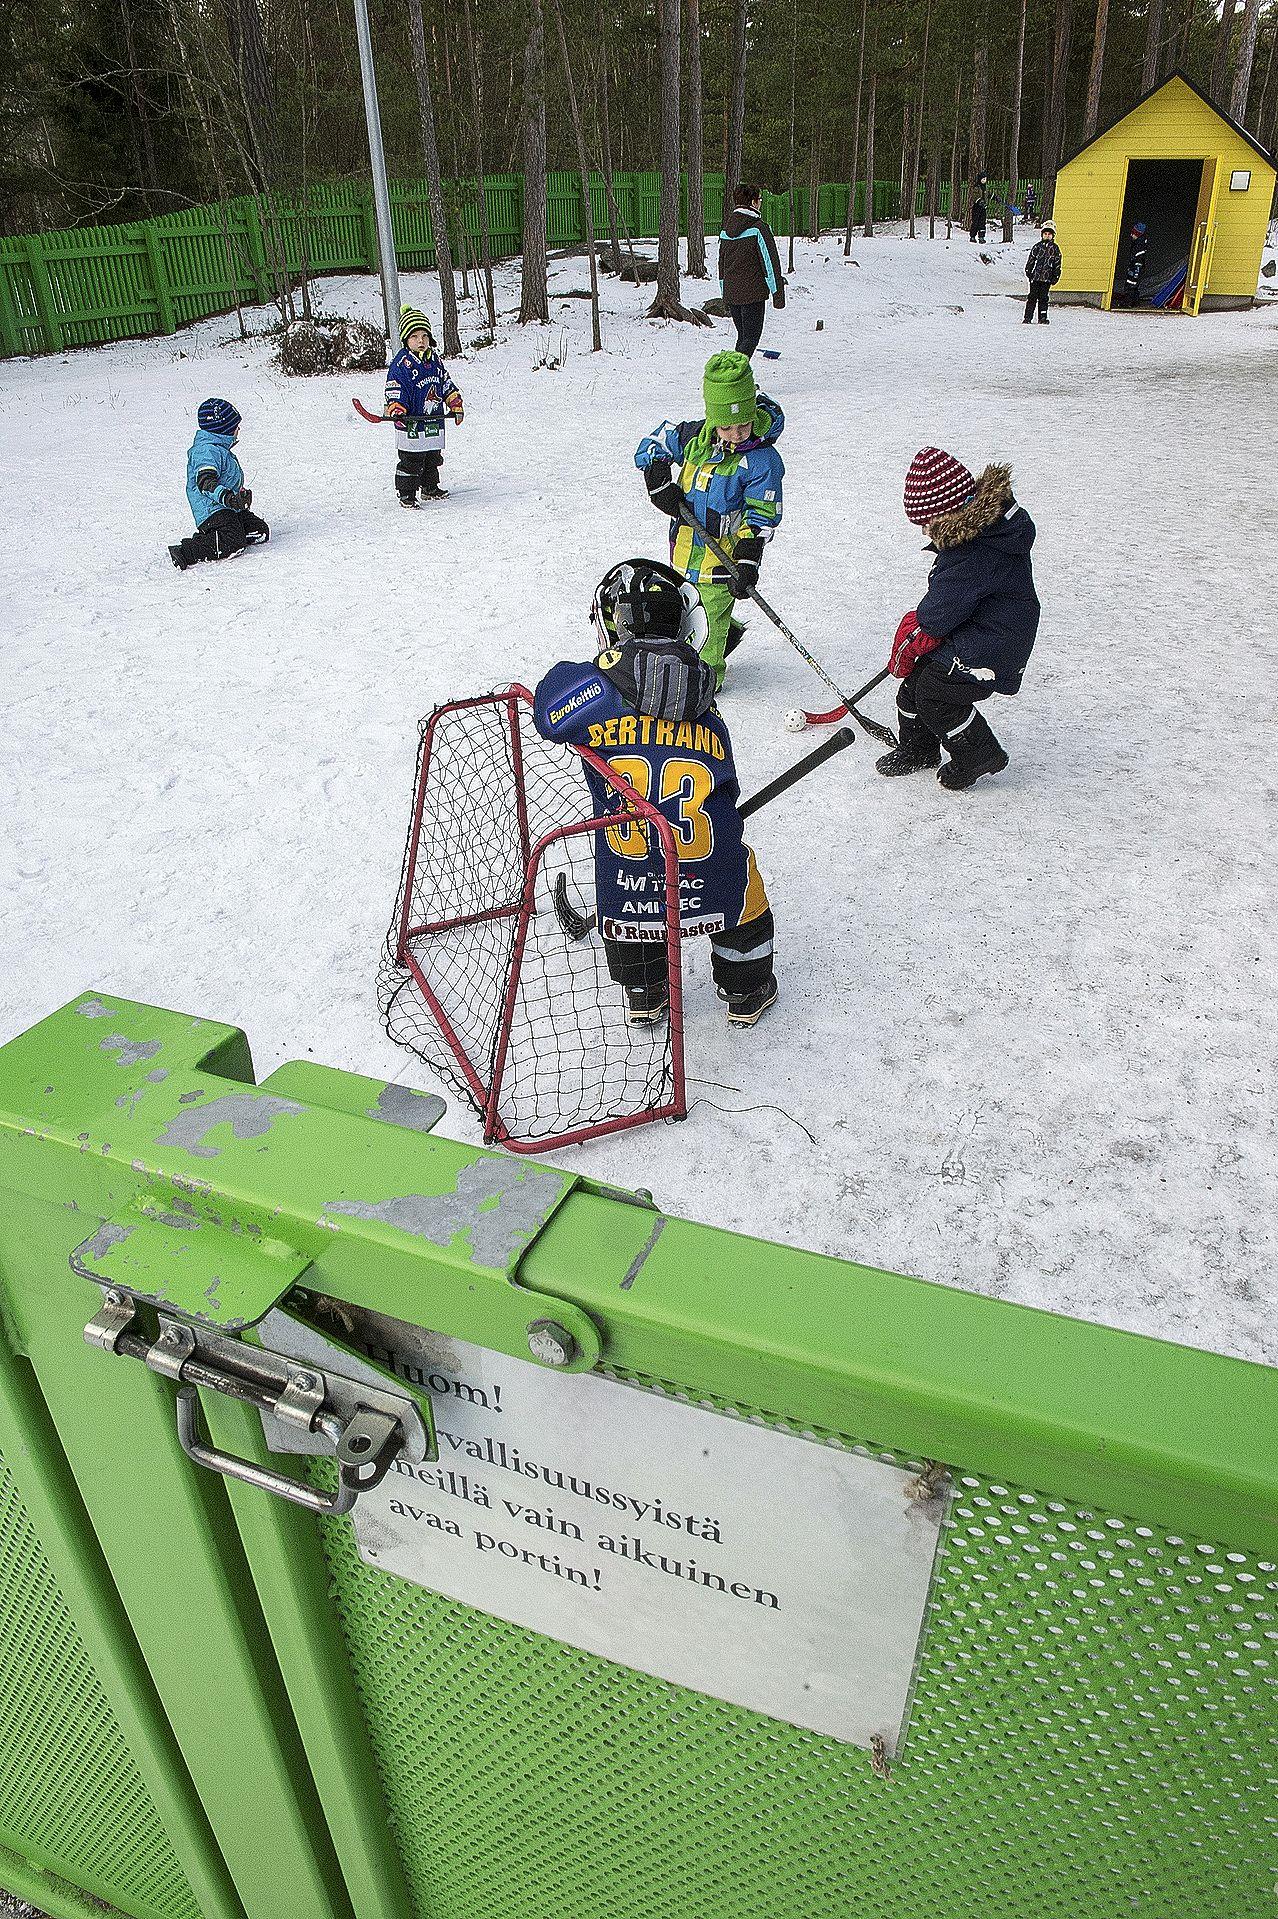 Kaksinkertaiset salvat ovat monelle aikuisellekin työläät avattavat Kaivopuiston päiväkodin portissa. Yhteisiin pelisääntöihin kuuluu, etteivät lapset avaa portteja edes aikuisen seurassa.